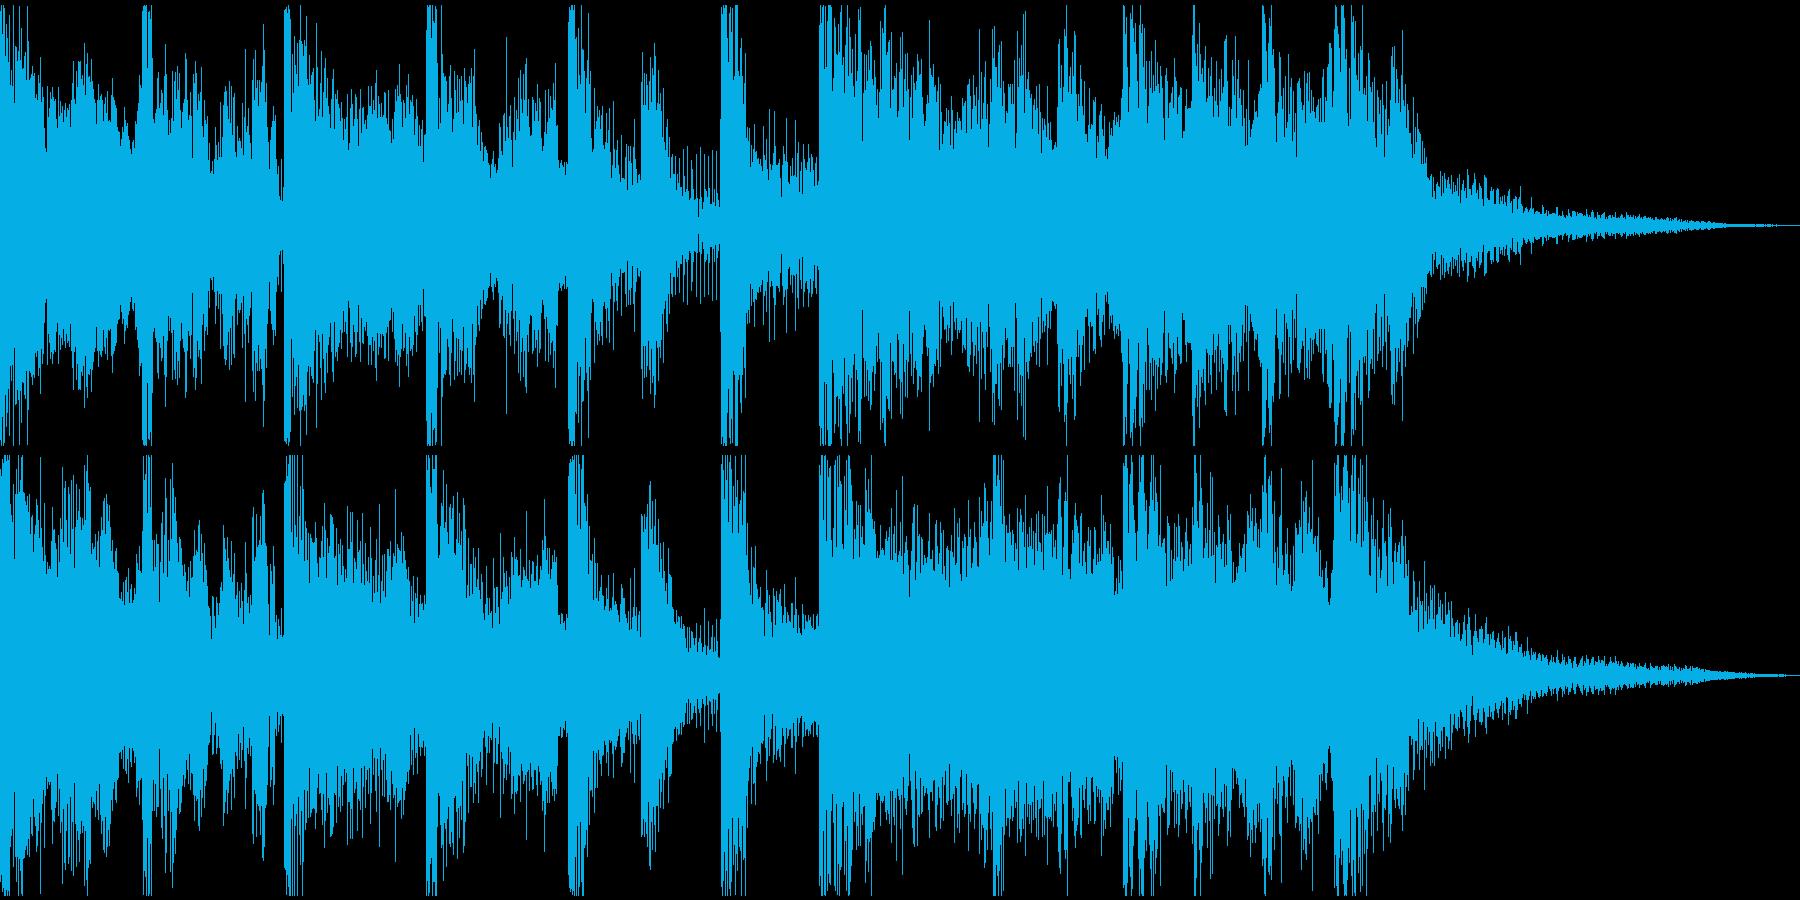 始まりための壮大かつ簡潔なファンファーレの再生済みの波形